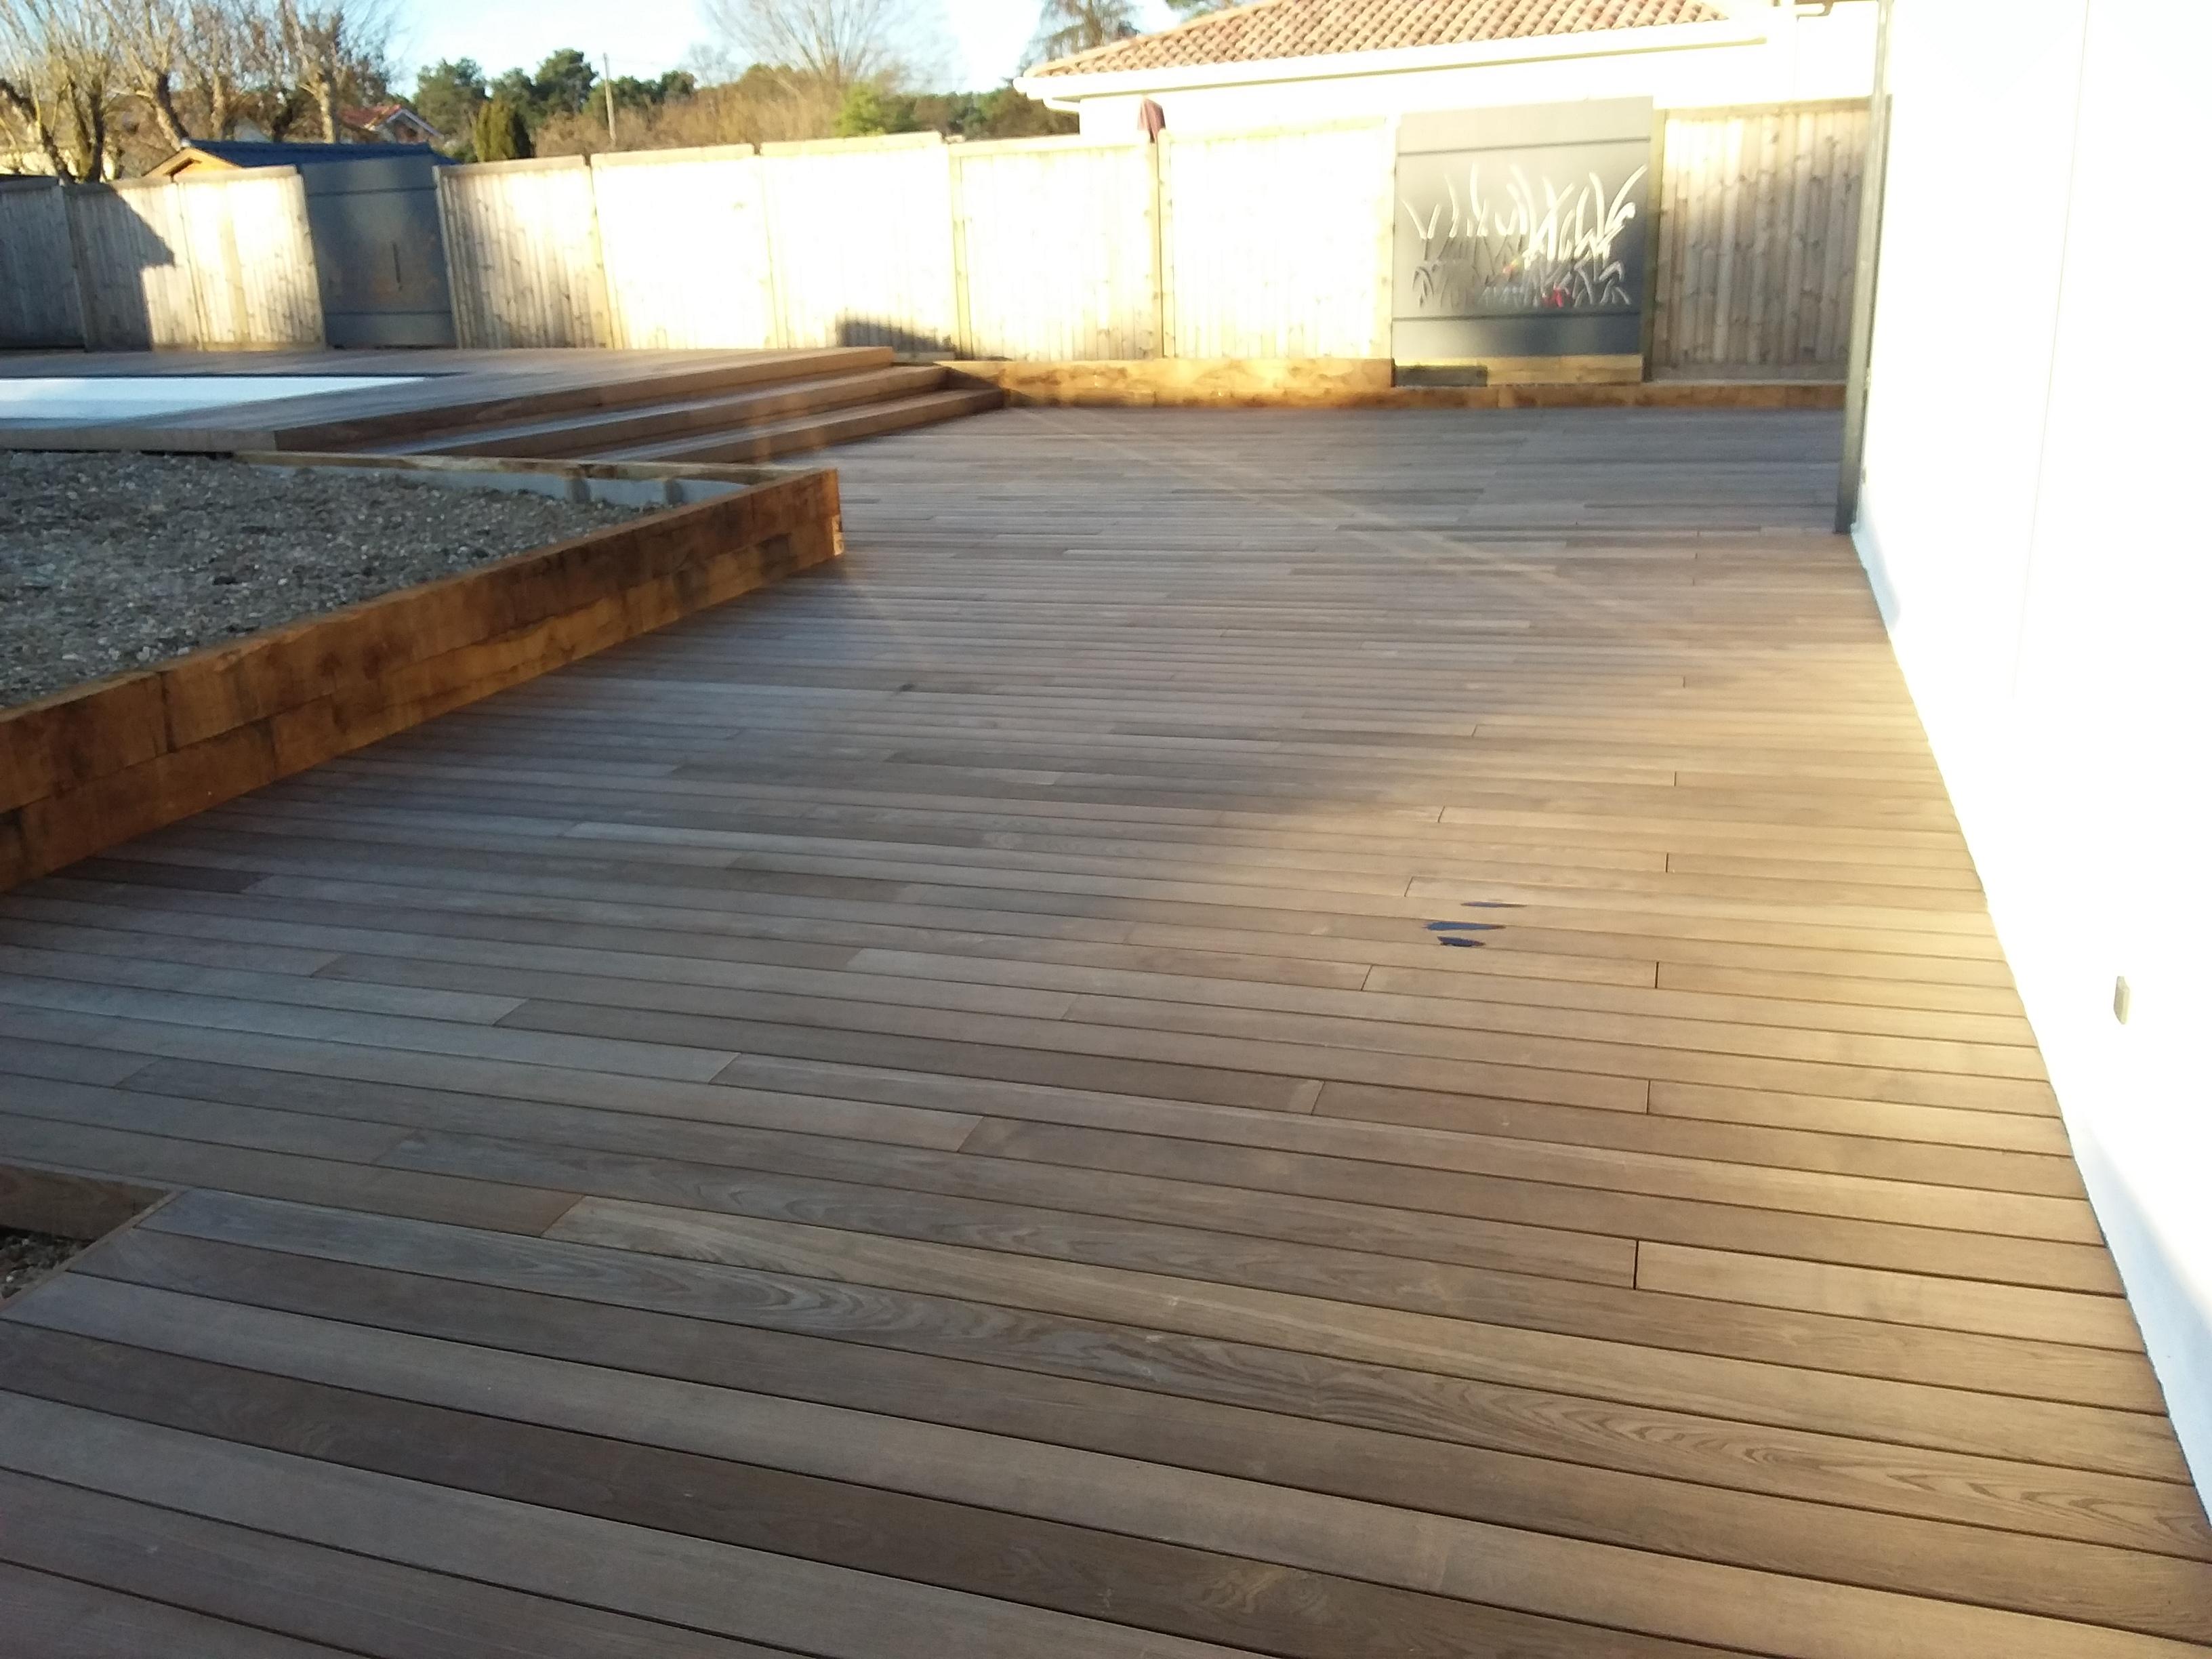 Terrasse bois sur structure en aluminium